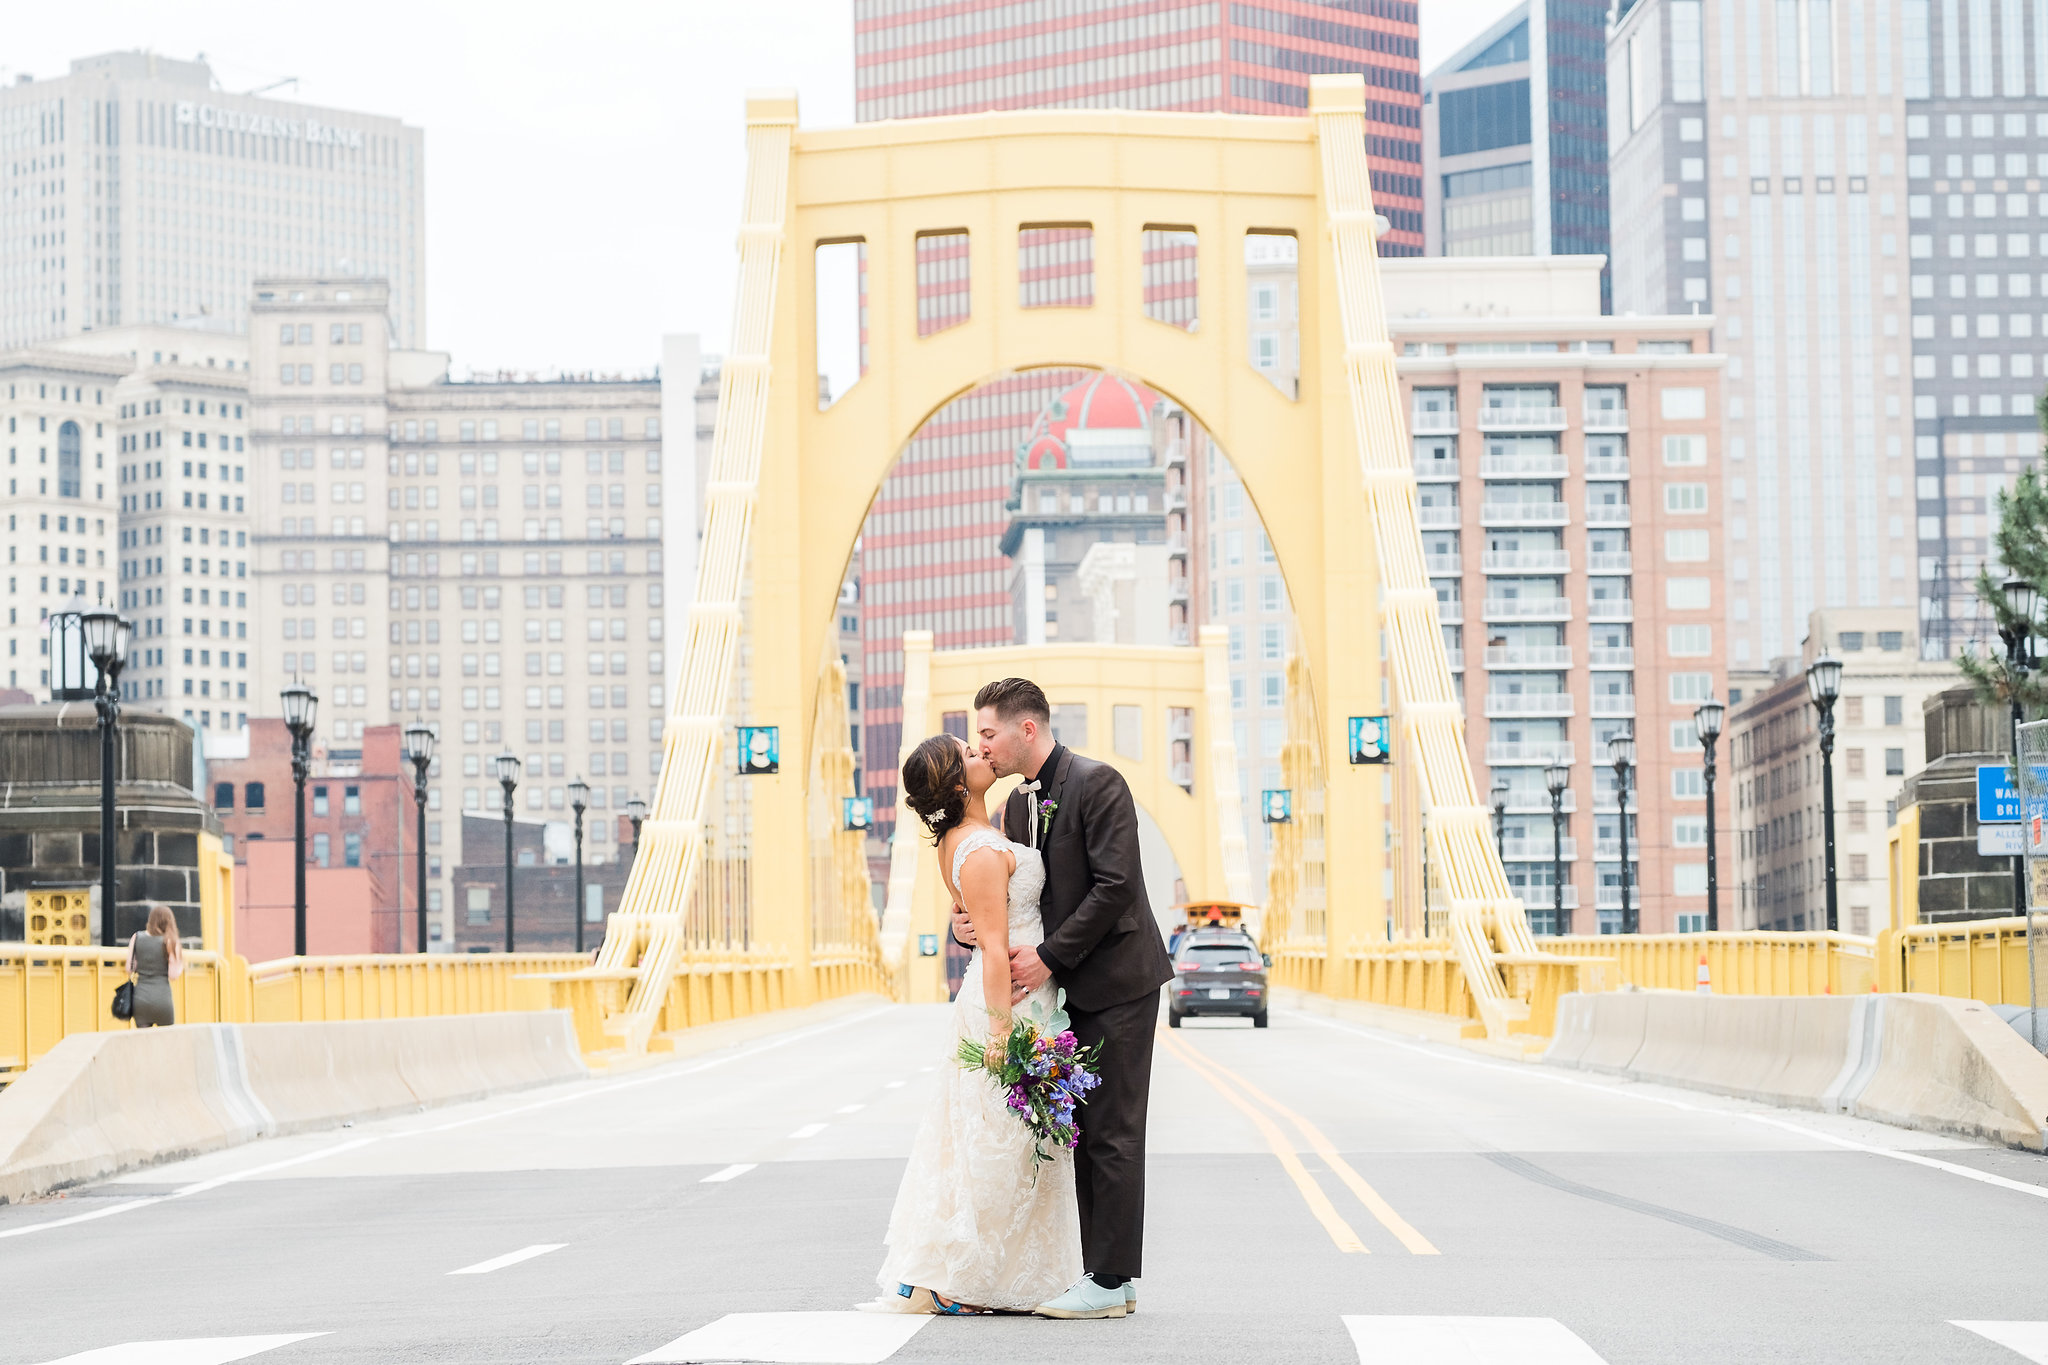 Pittsburgh wedding photography